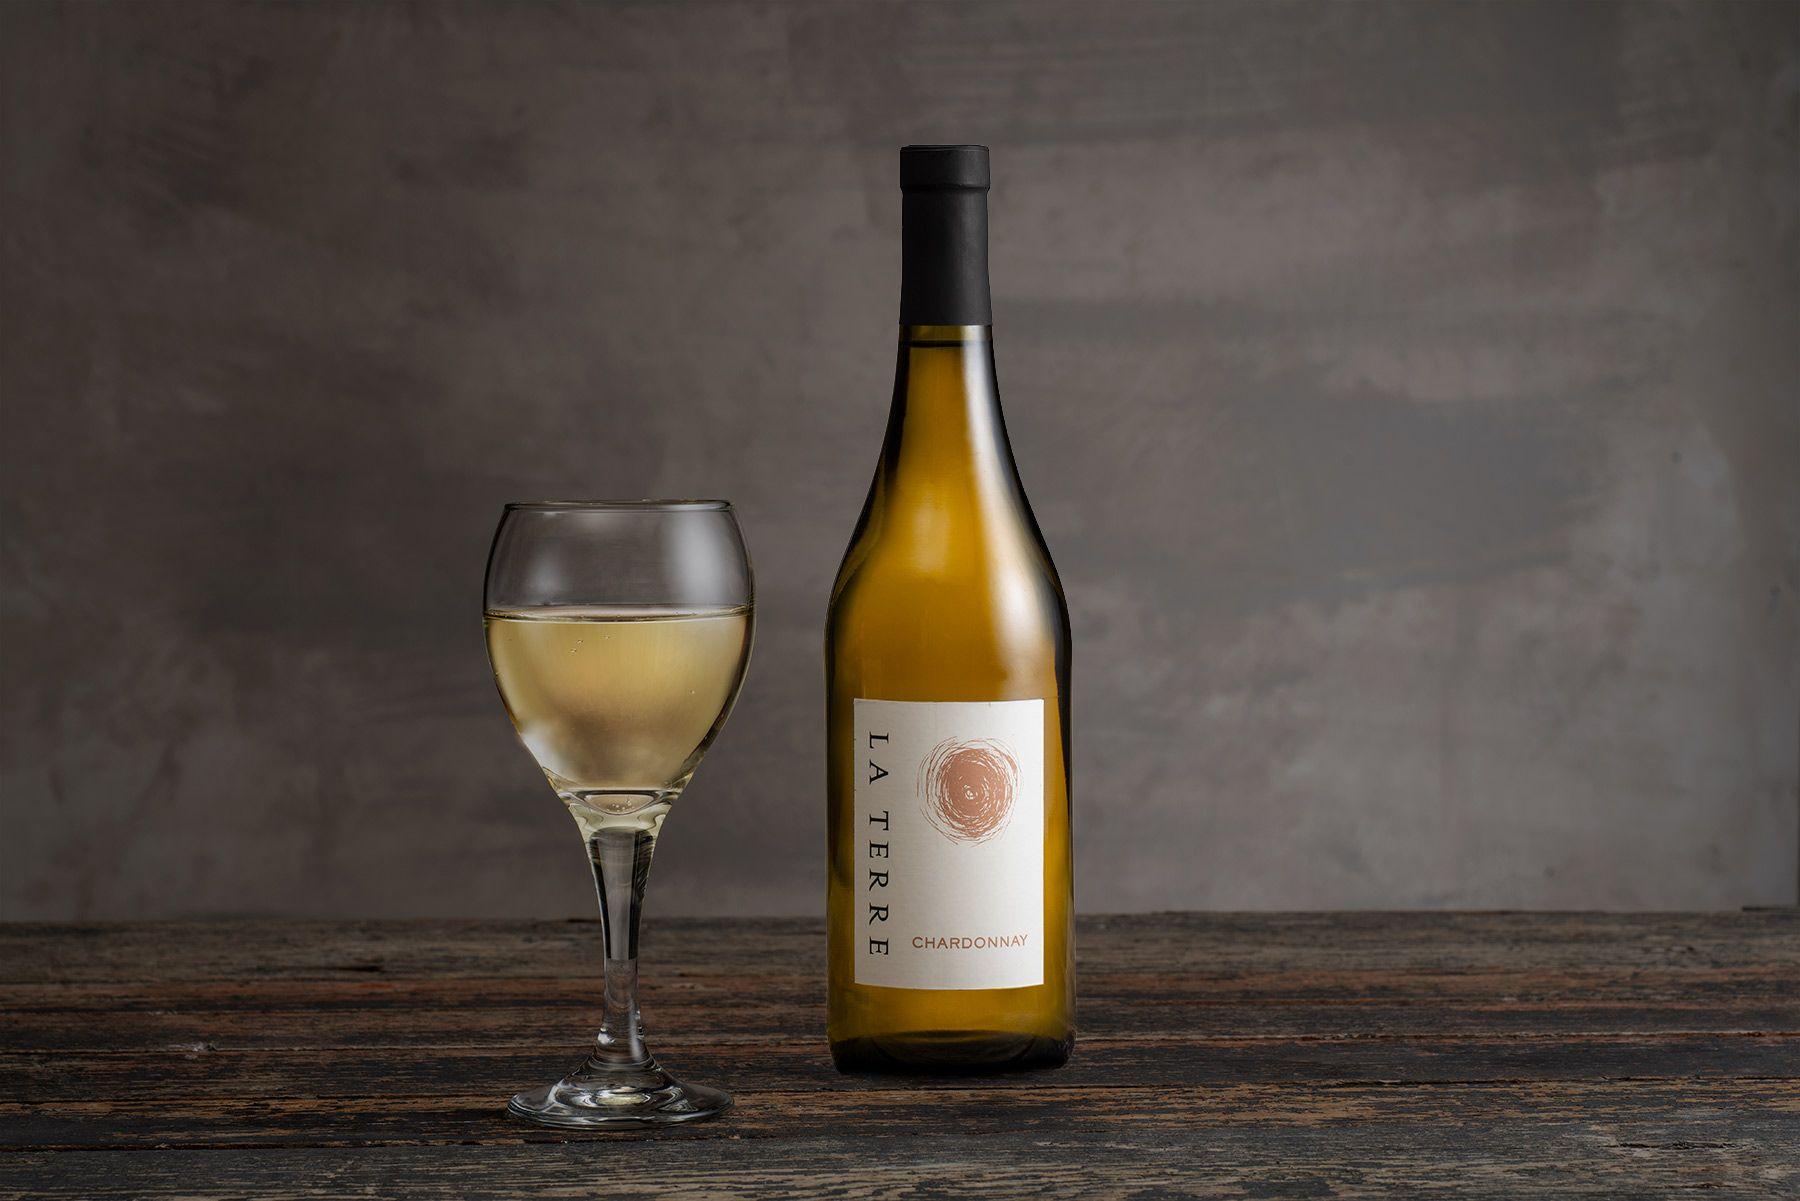 La-Terre-Chardonnay-w-glass-copy2.jpg